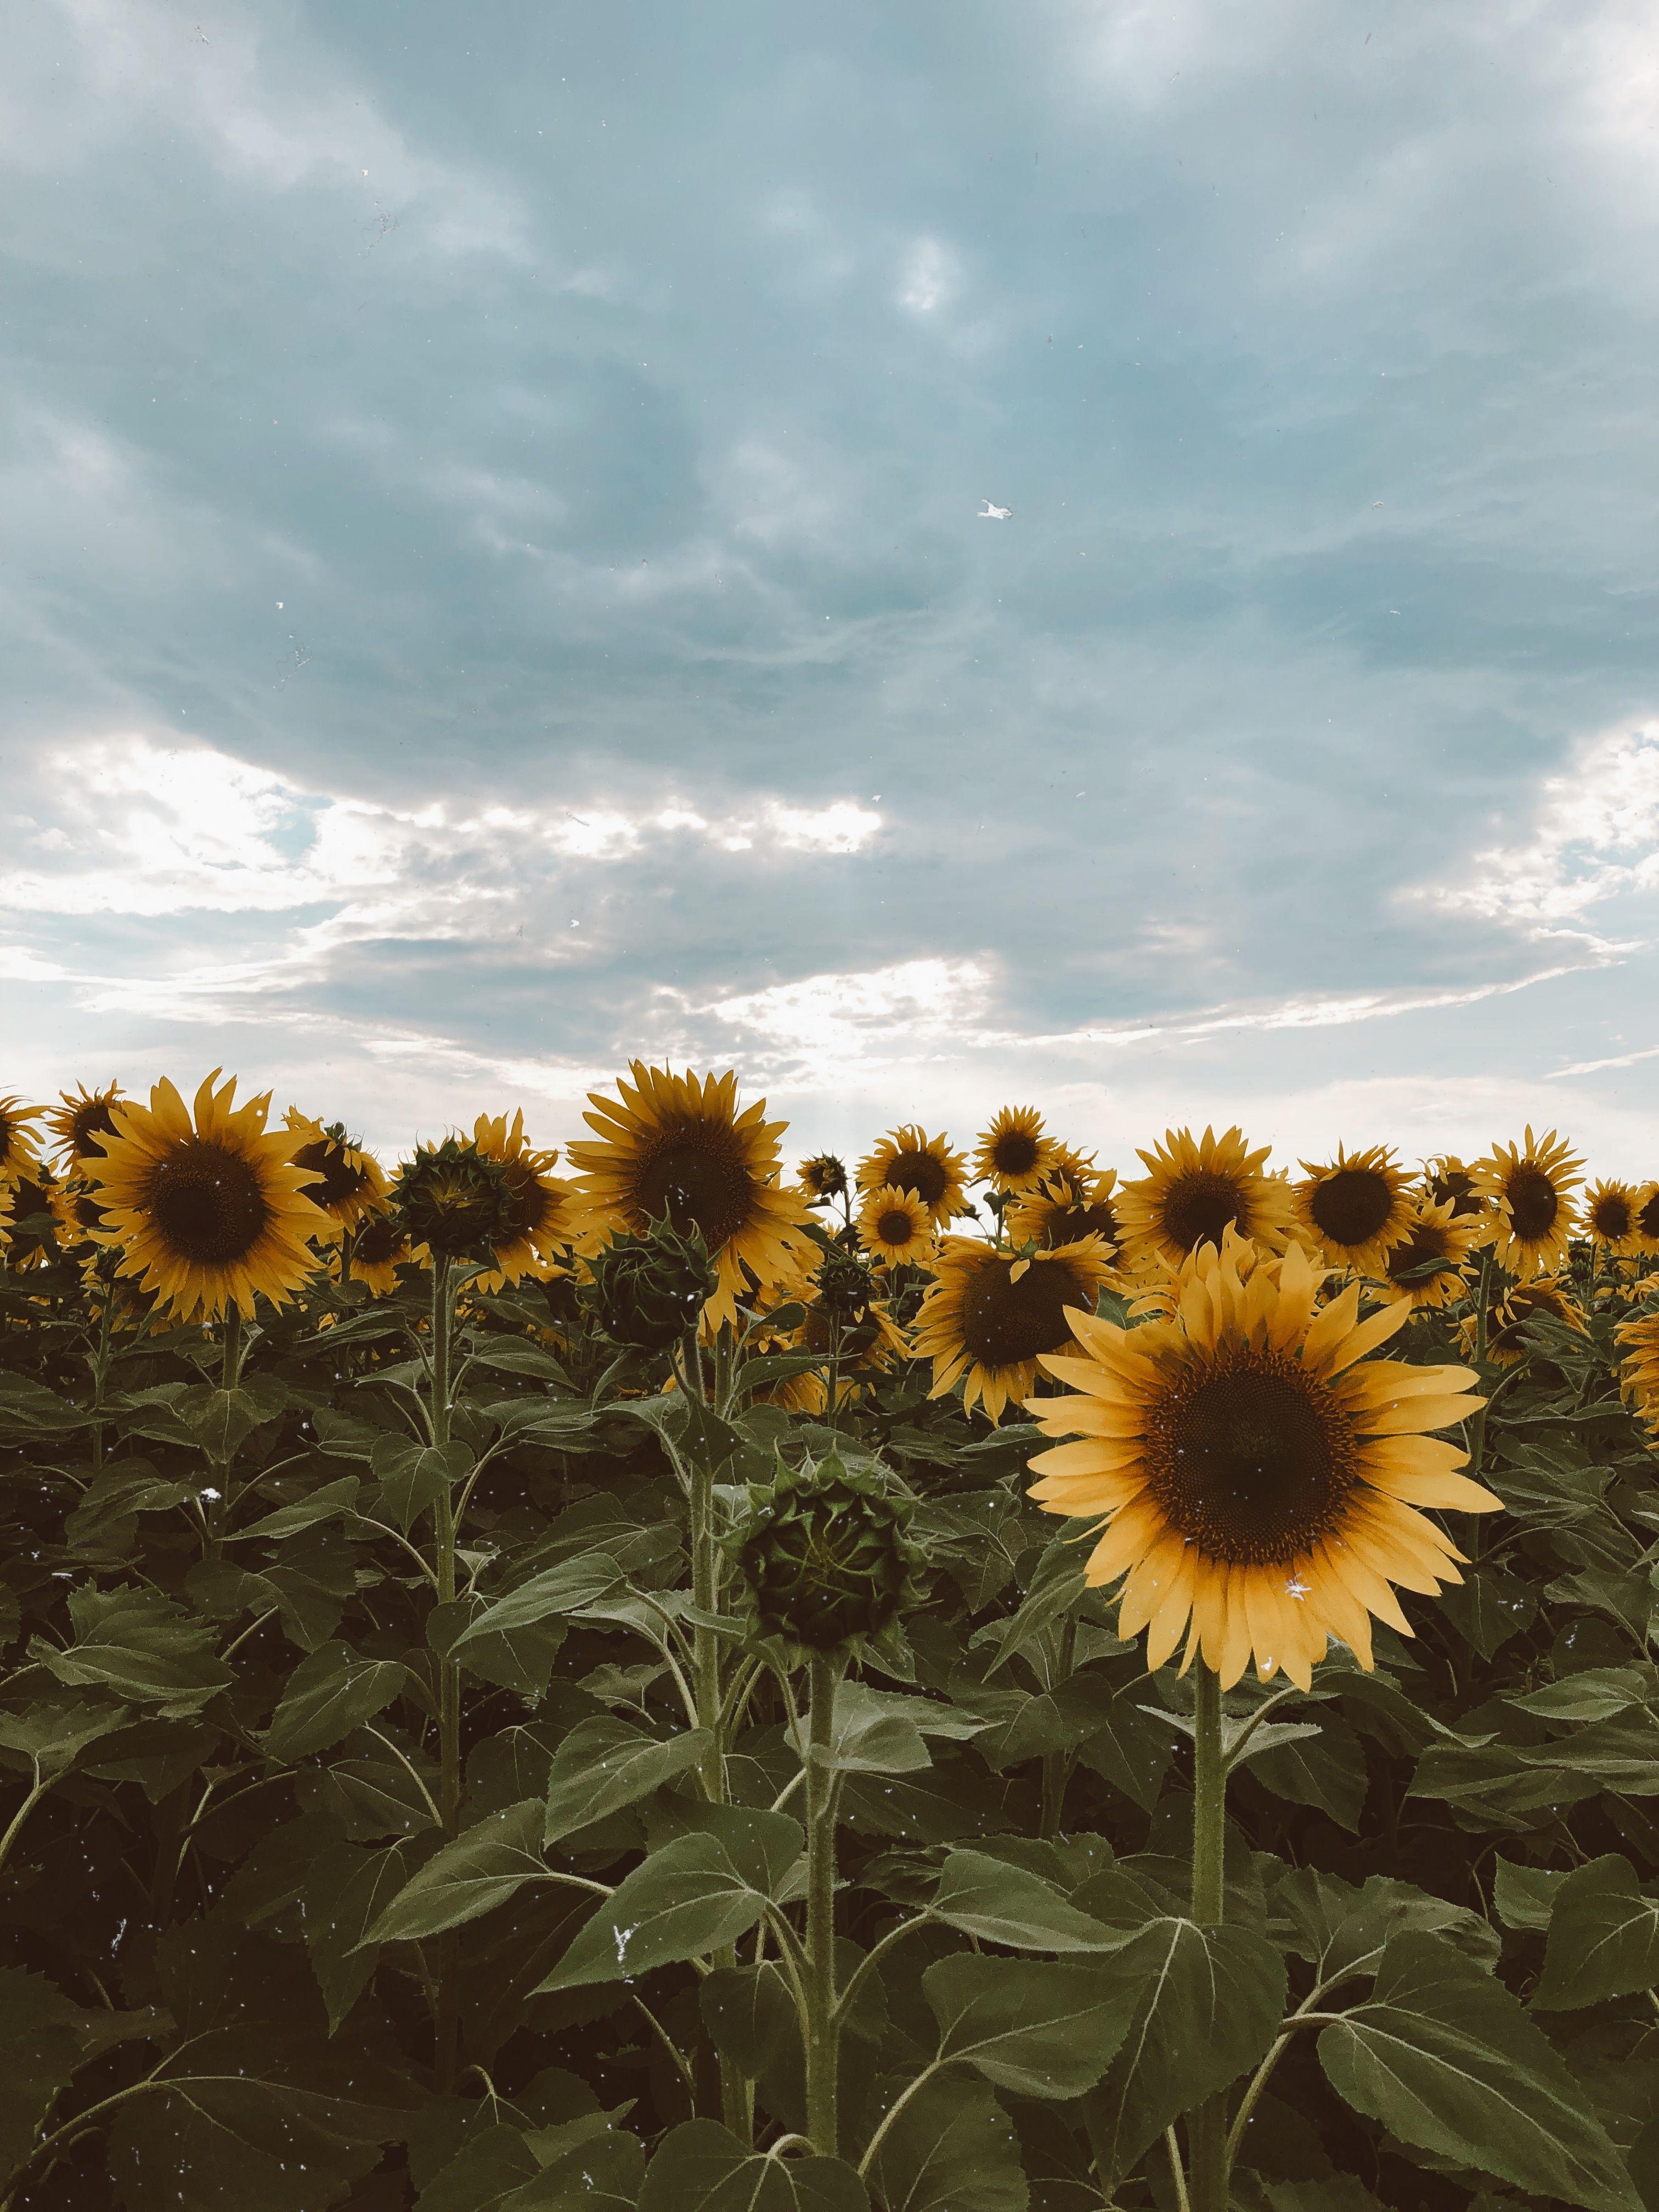 Sunflower Wallpaper Sunflower Wallpaper Dark Wallpaper Wallpaper